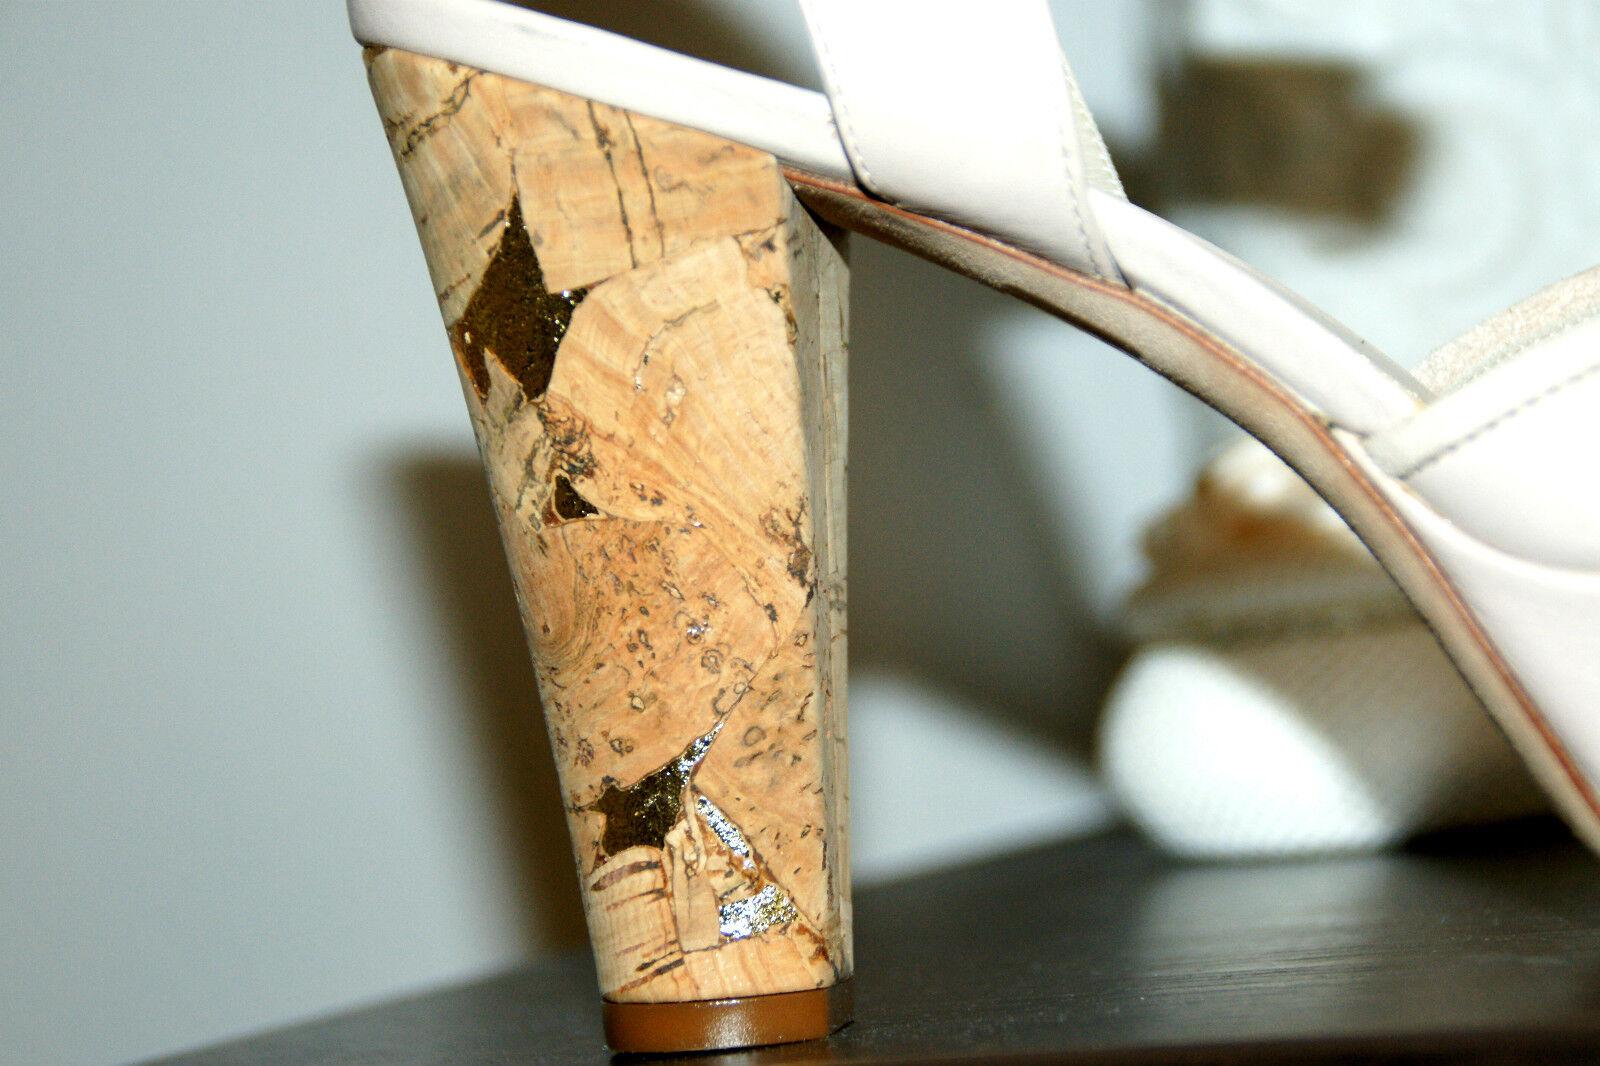 SONIA RYKIEL Damen Schuhe 37 Sandalen 100% Orig. Gr. 37 Schuhe NEU mit Karton aa2f9f